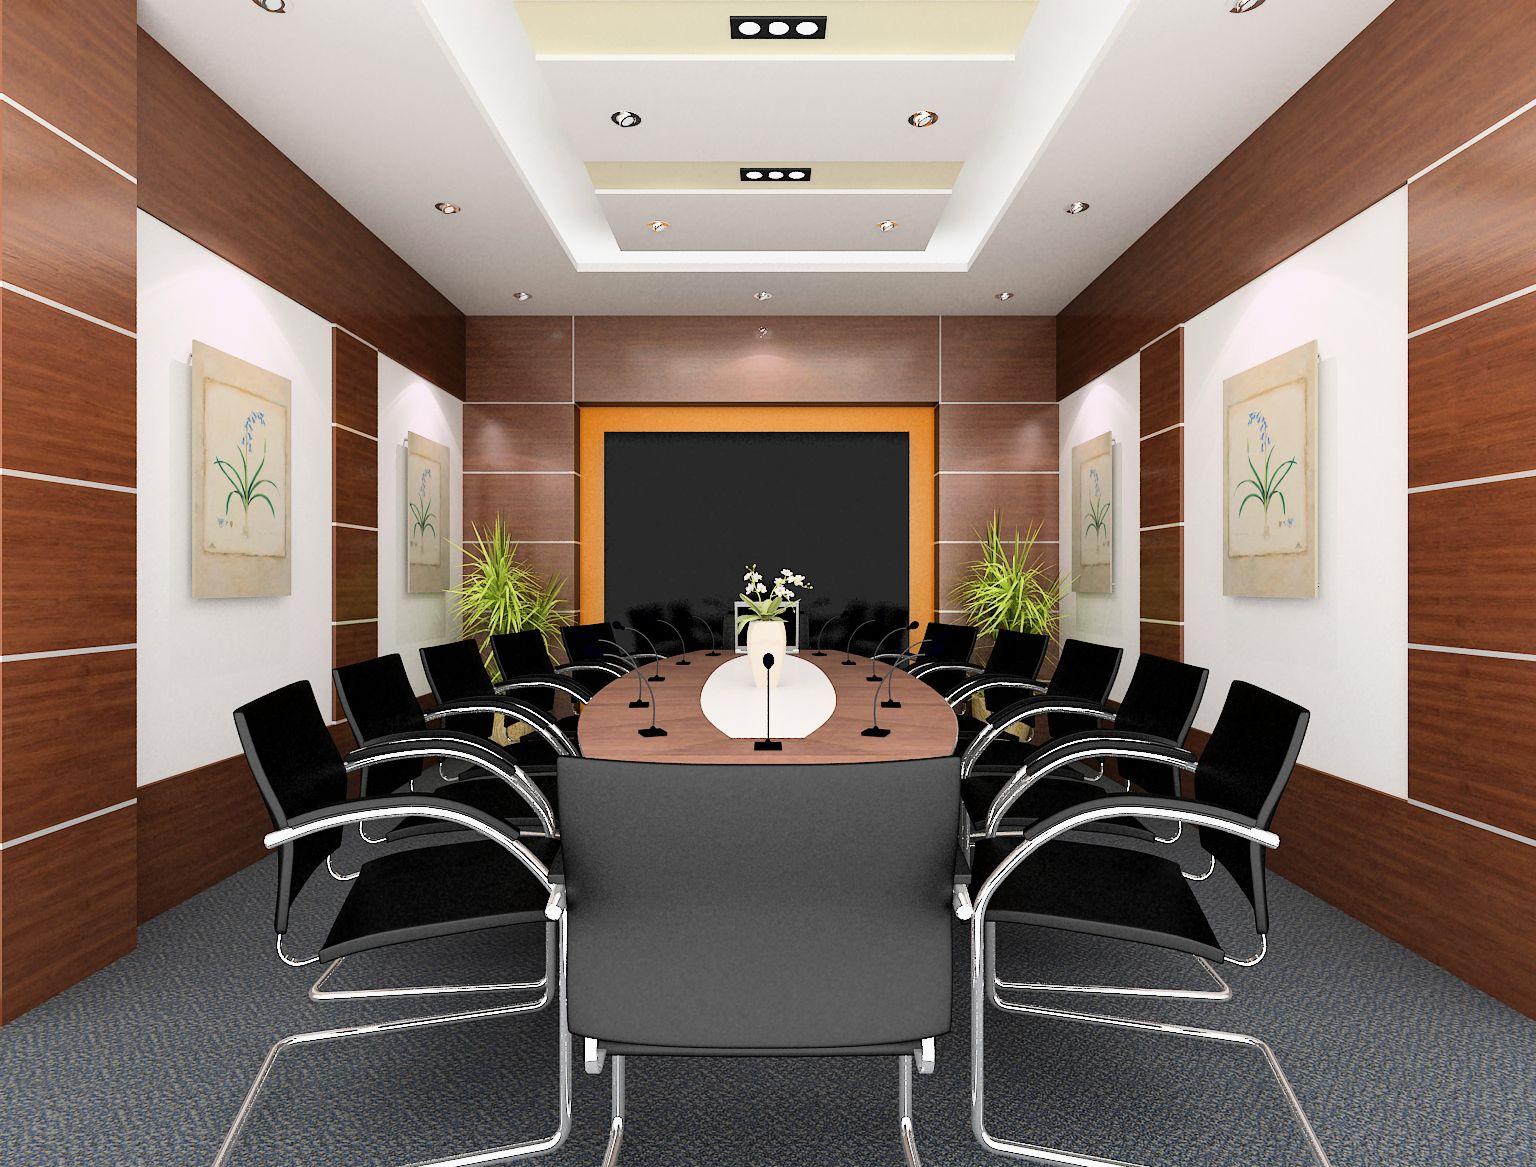 Chuẩn bị nội thất phòng họp là bước quan trọng